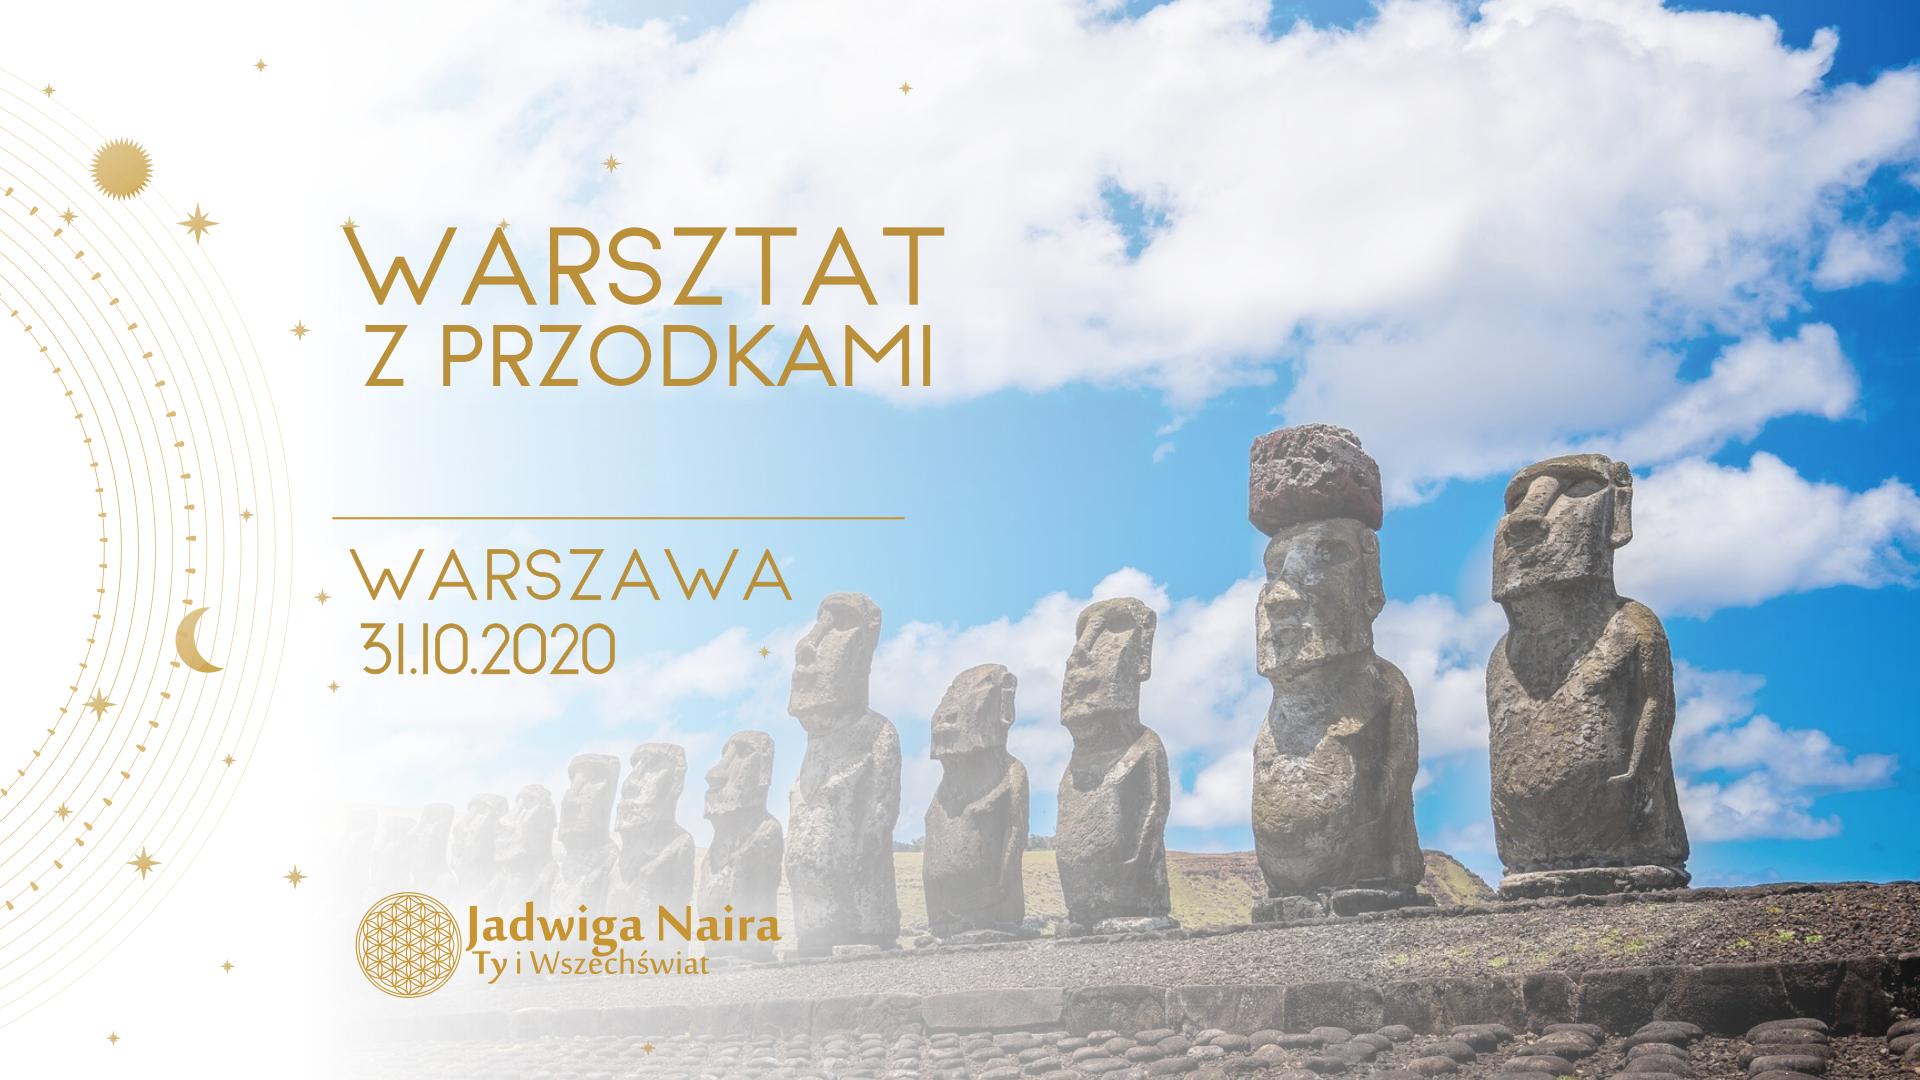 Warsztat z Przodkami / Warszawa